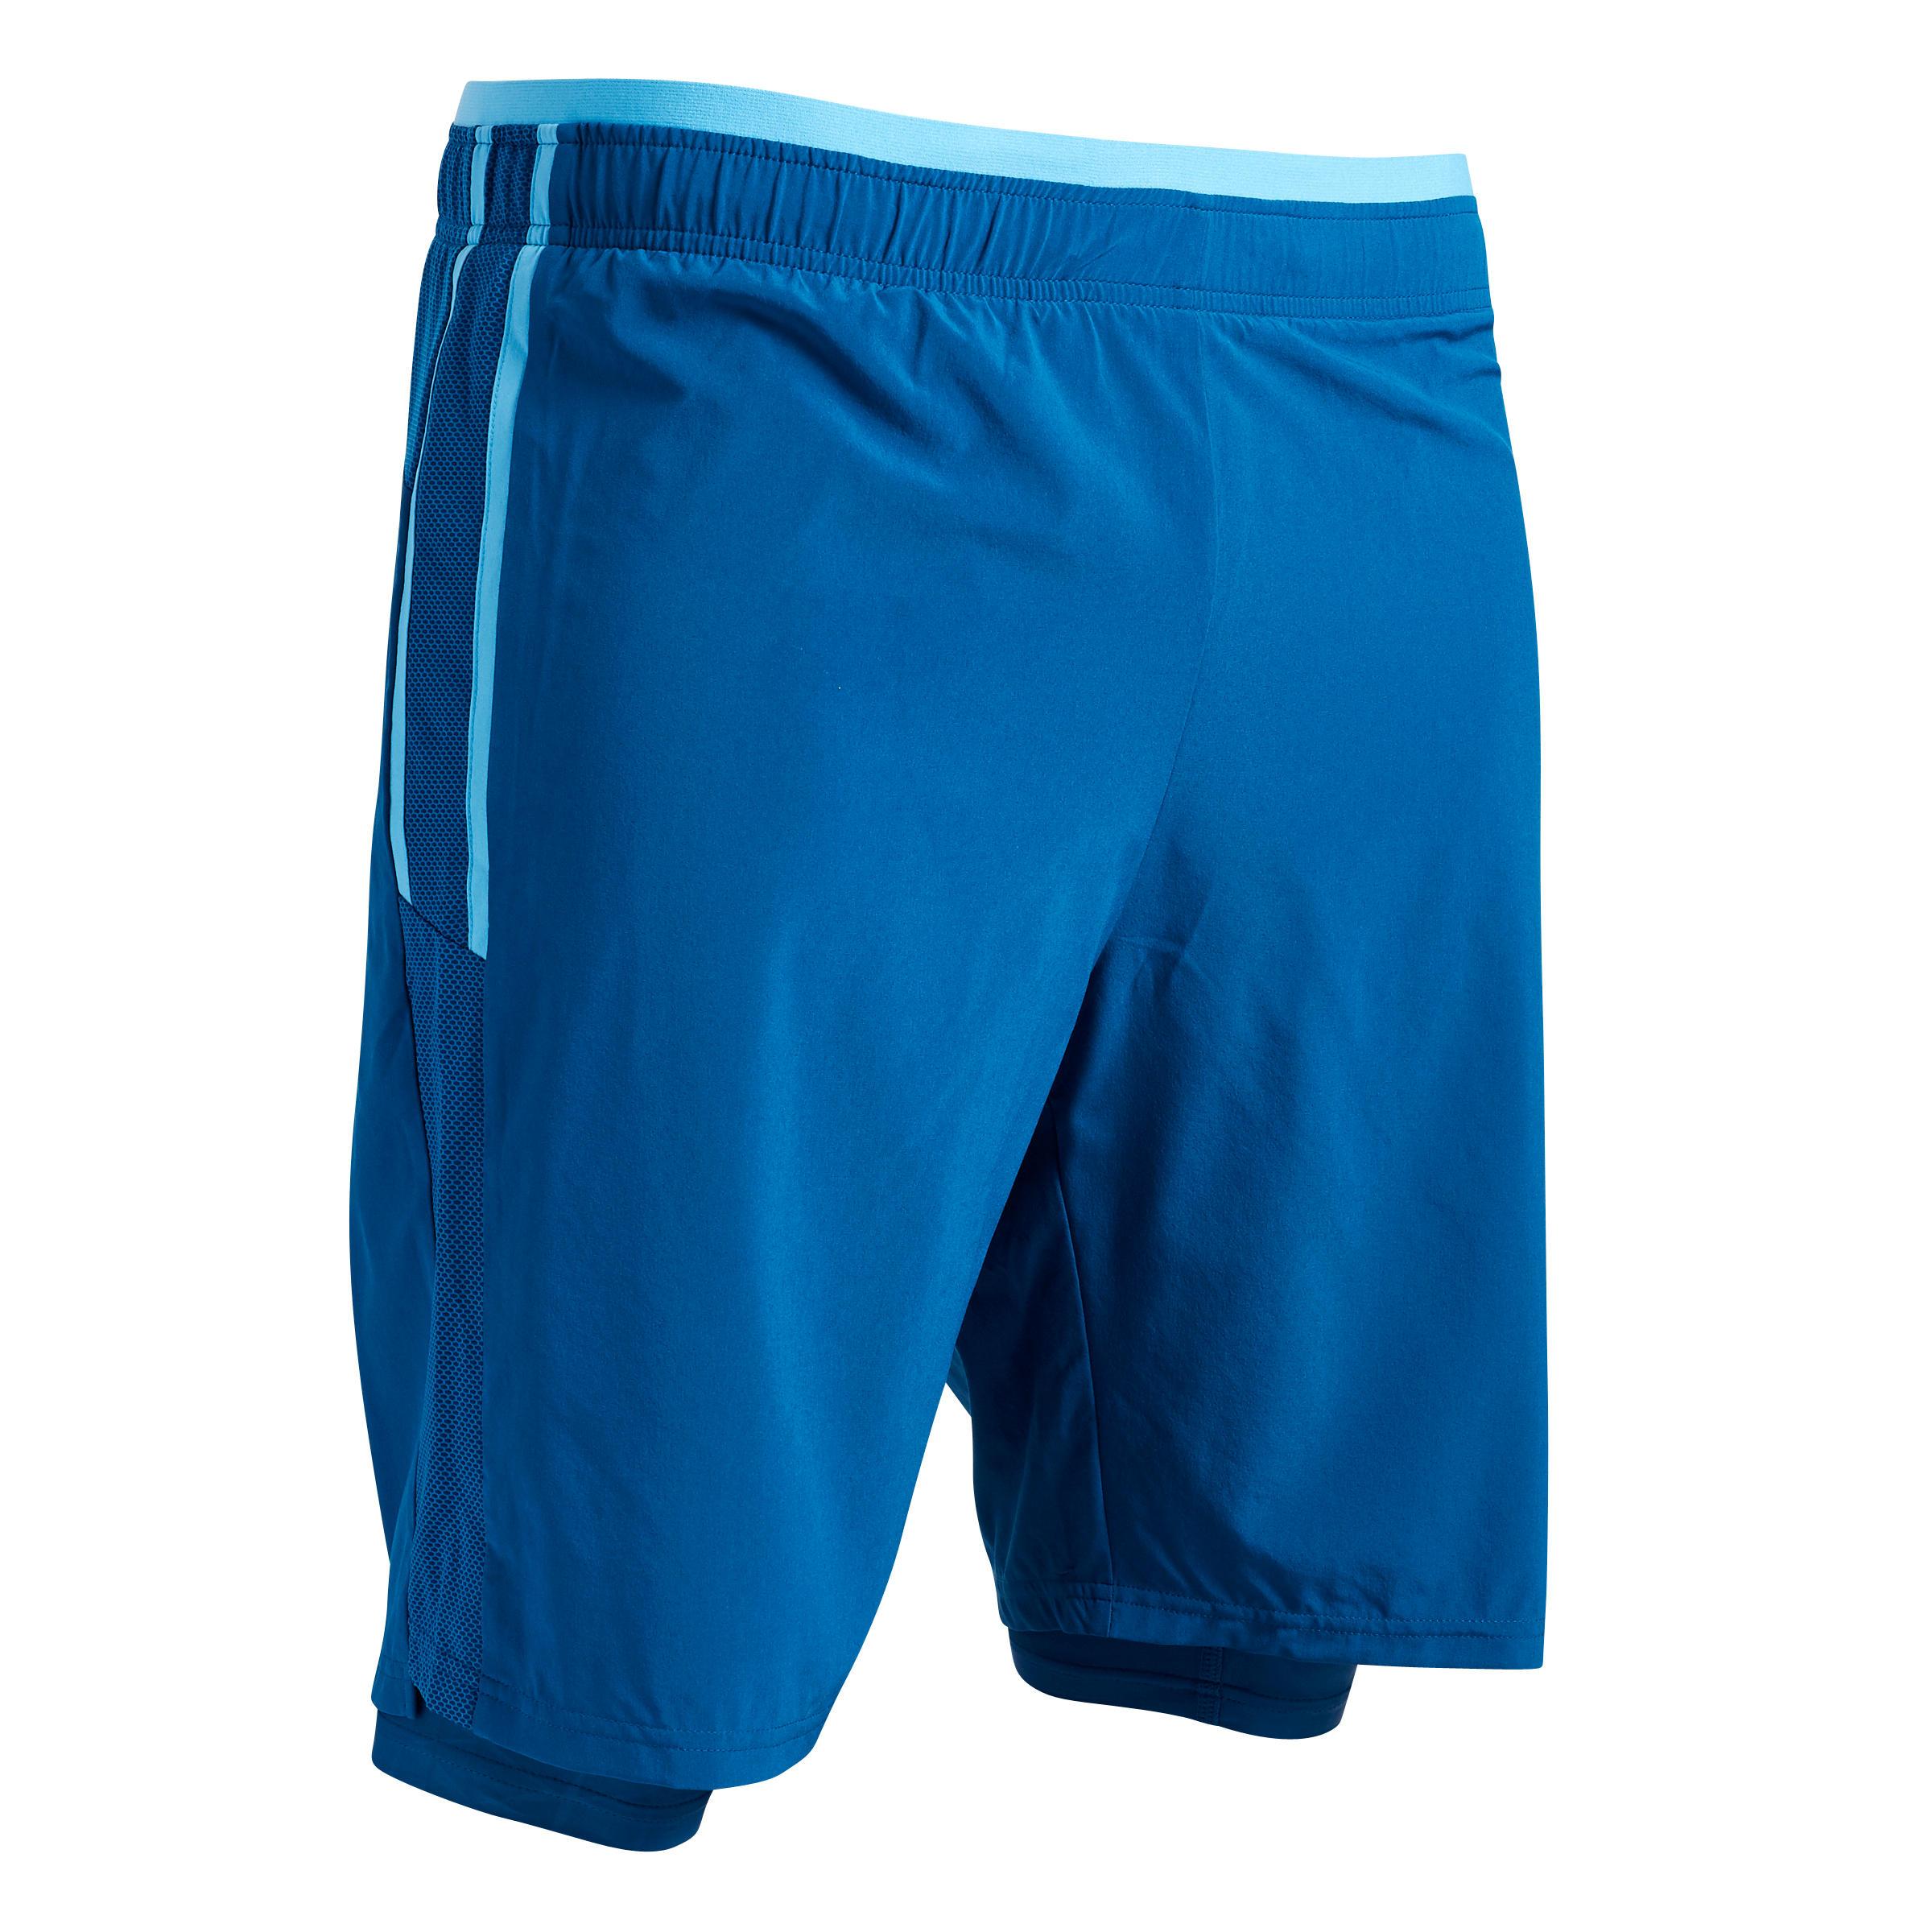 Fußballshorts 3-in-1 F540 Erwachsene blau   Sportbekleidung > Sporthosen > Fußballhosen   Kipsta